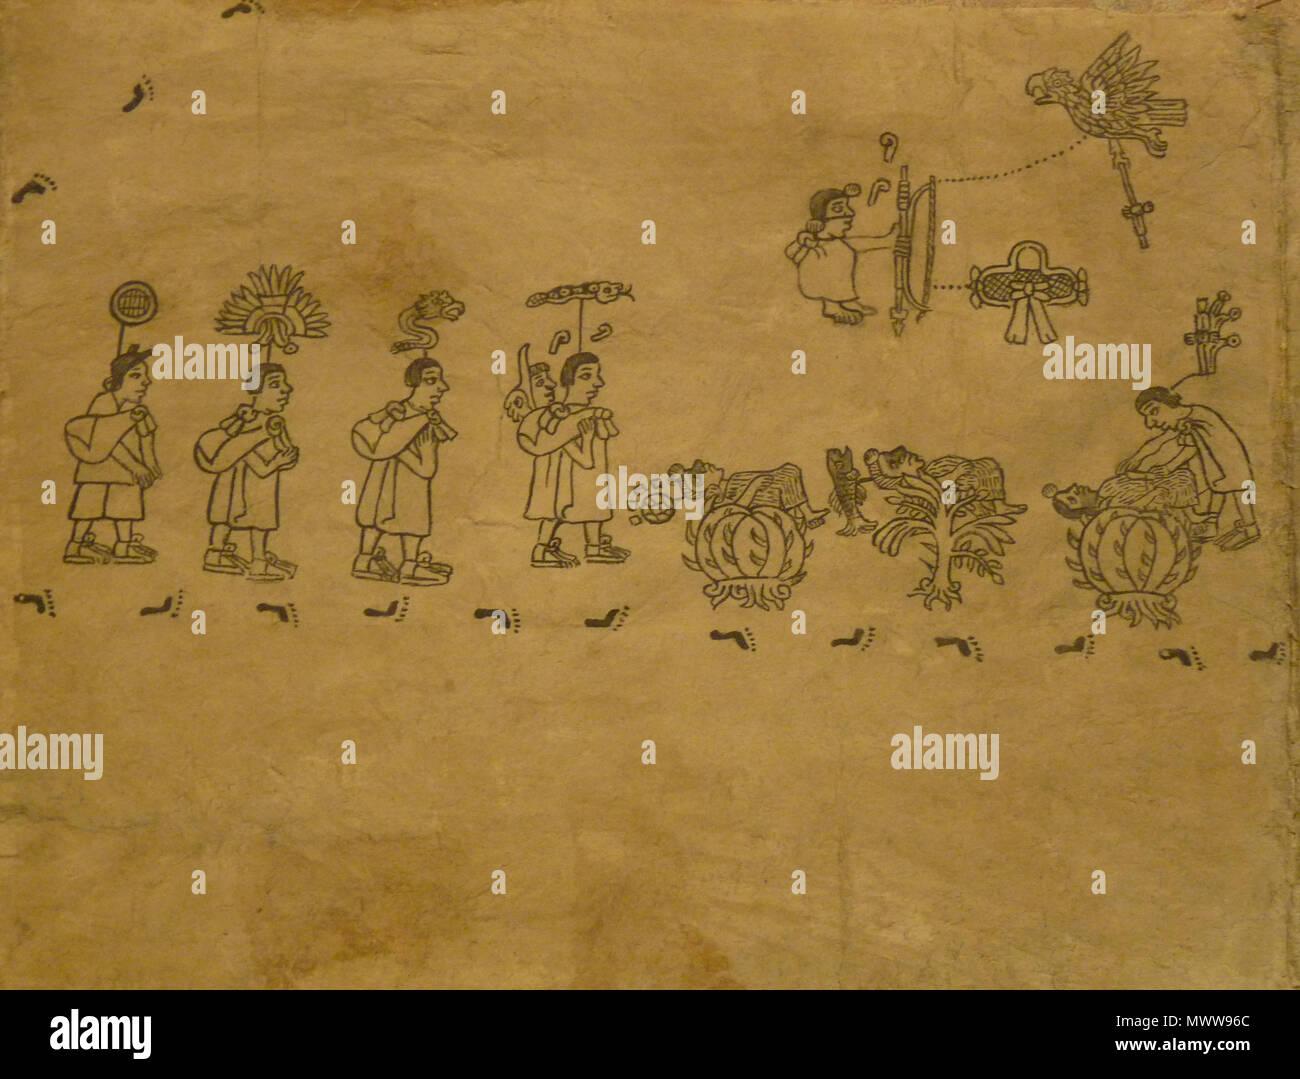 . Codex Boturini (also known as Tira de la peregrinación), folio 4 . First half of 16th century. Unknown (codex) - El Comandante (photographer) 94 Boturini Codex (folio 4) - Stock Image